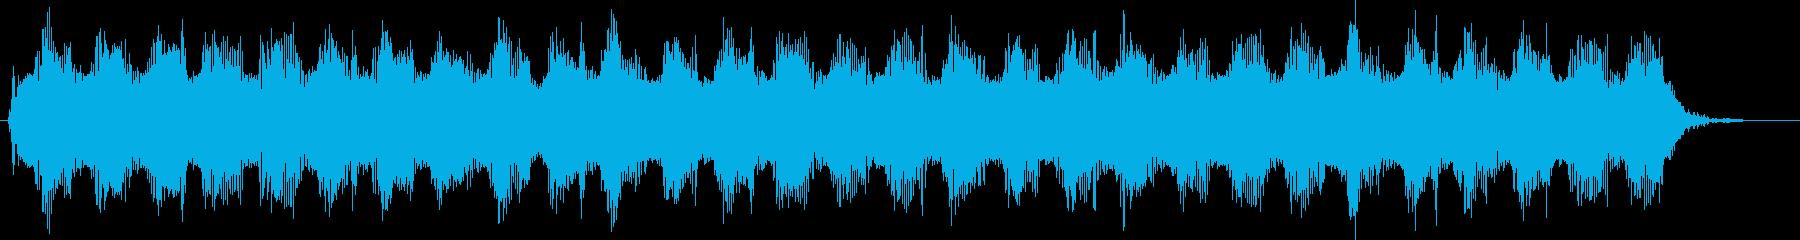 スペースアラーム:急速なリズムの2...の再生済みの波形